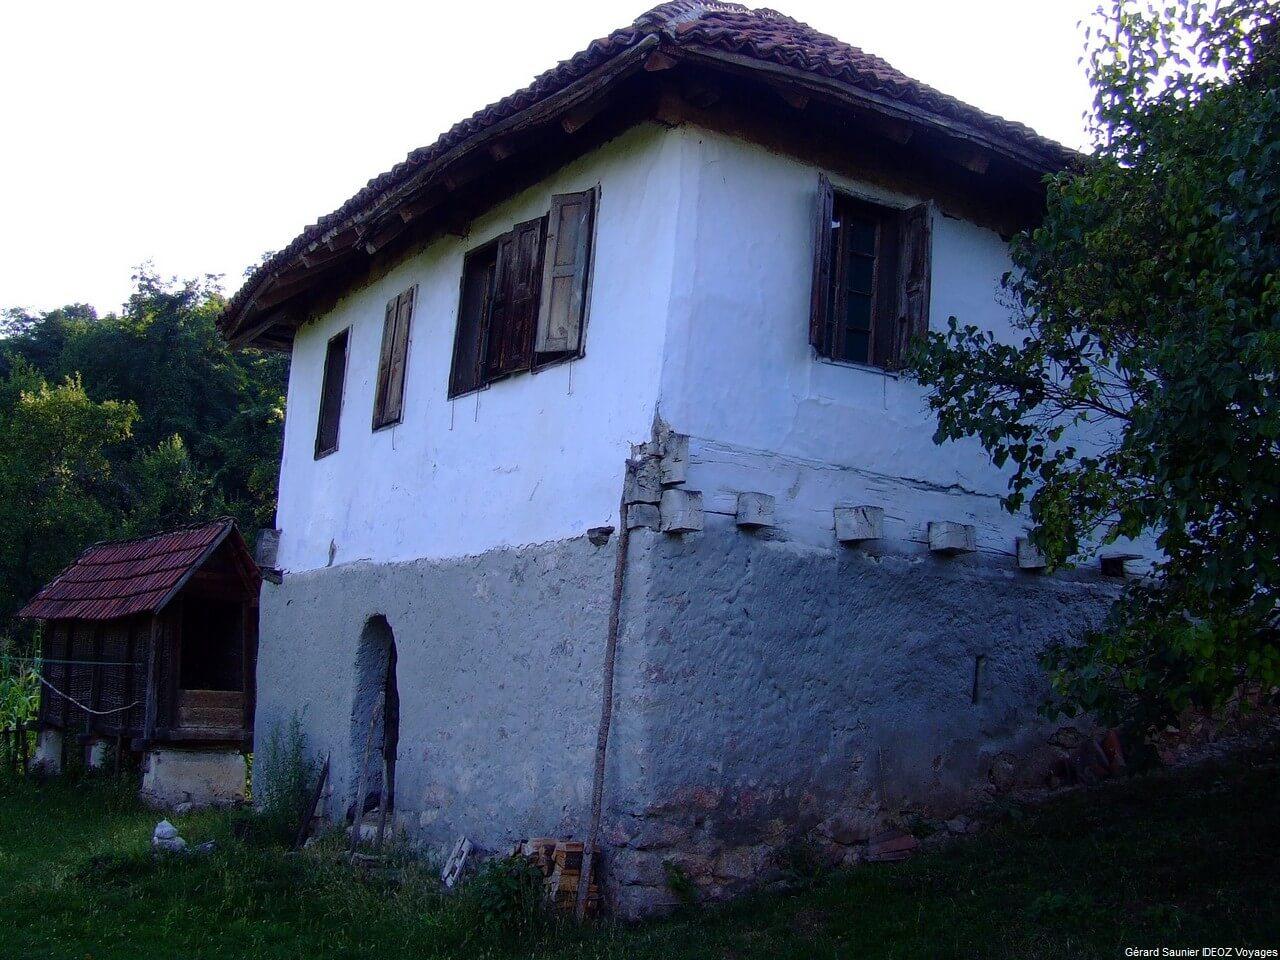 Rencontre inoubliable à Arilje en Serbie centrale : merveilleux souvenir 17